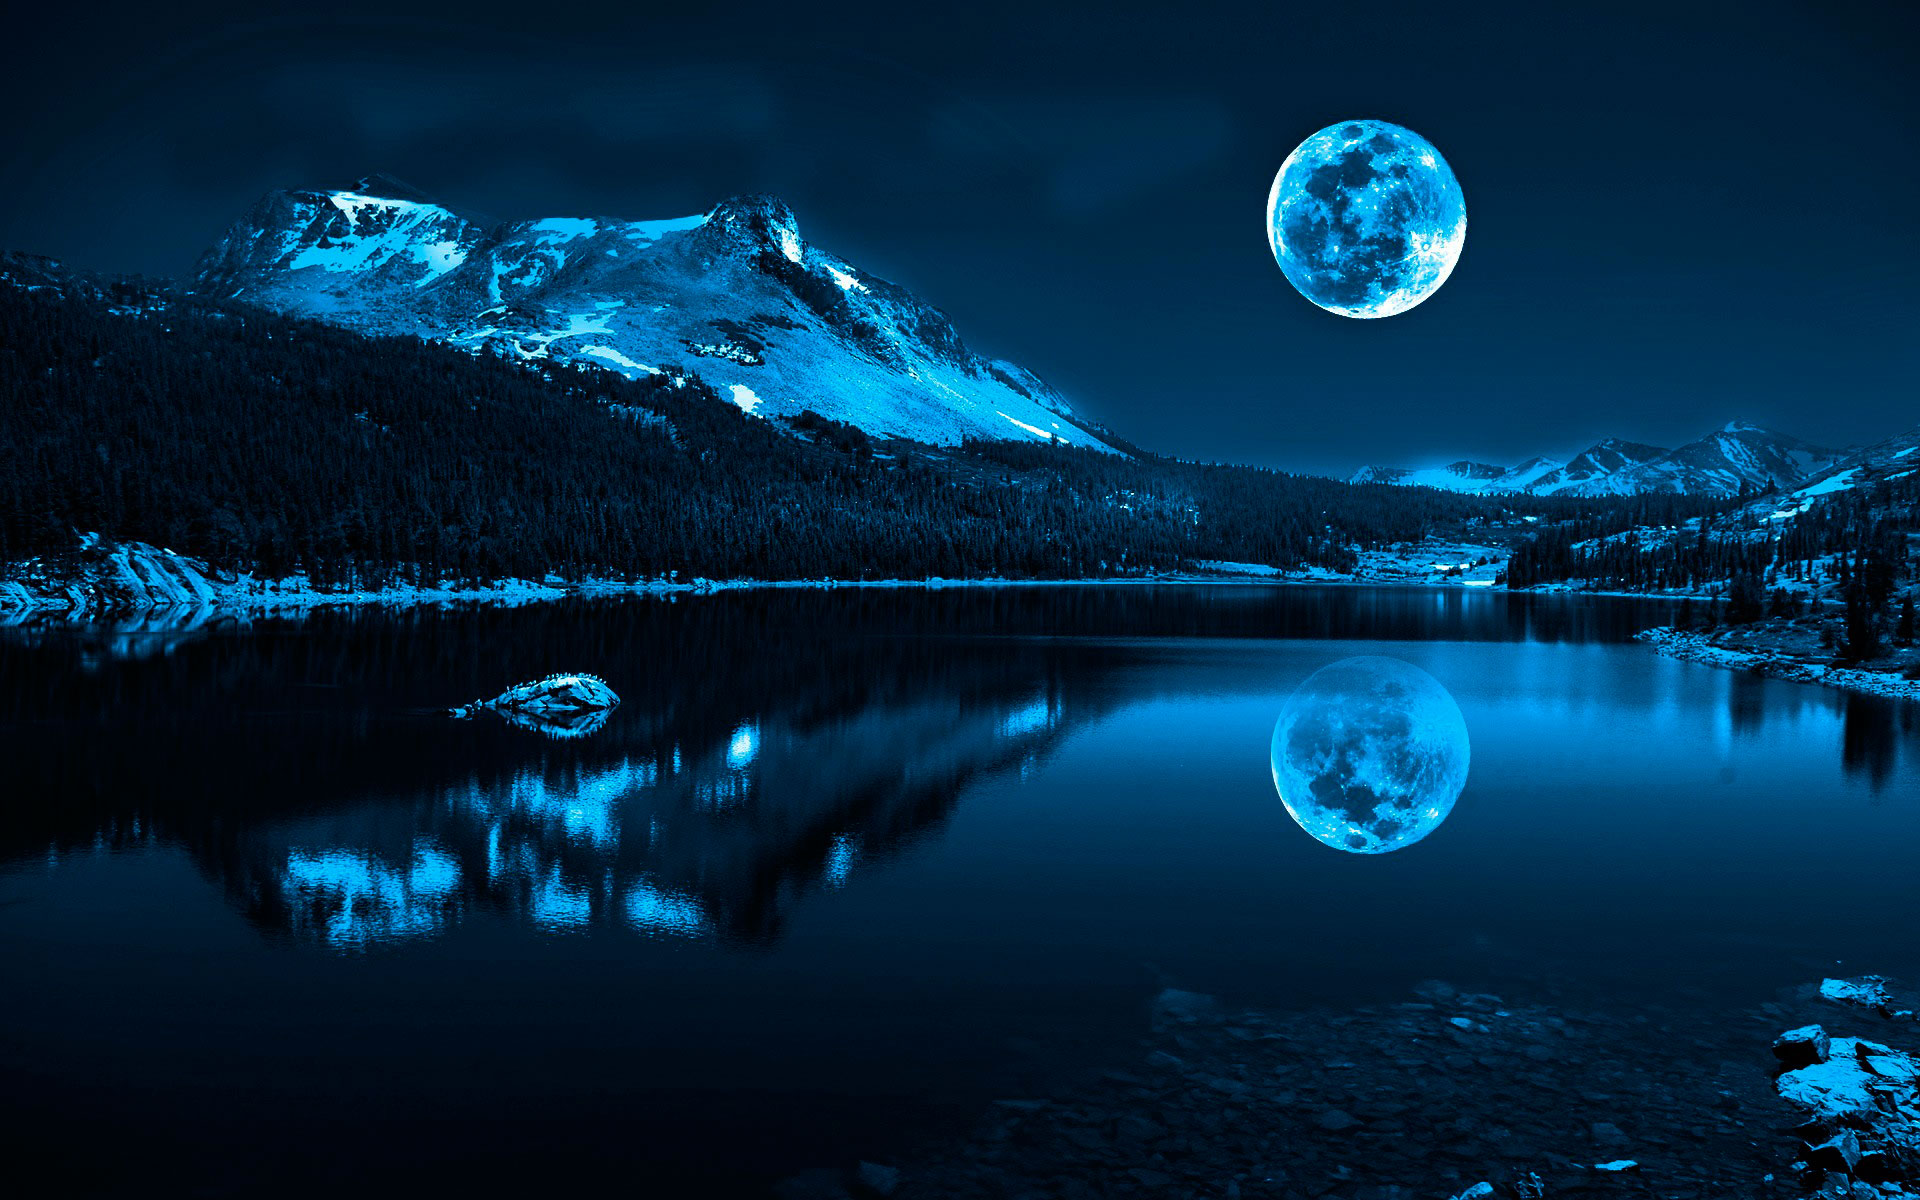 местные обои на рабочий стол природа ночью фото серый текстиль